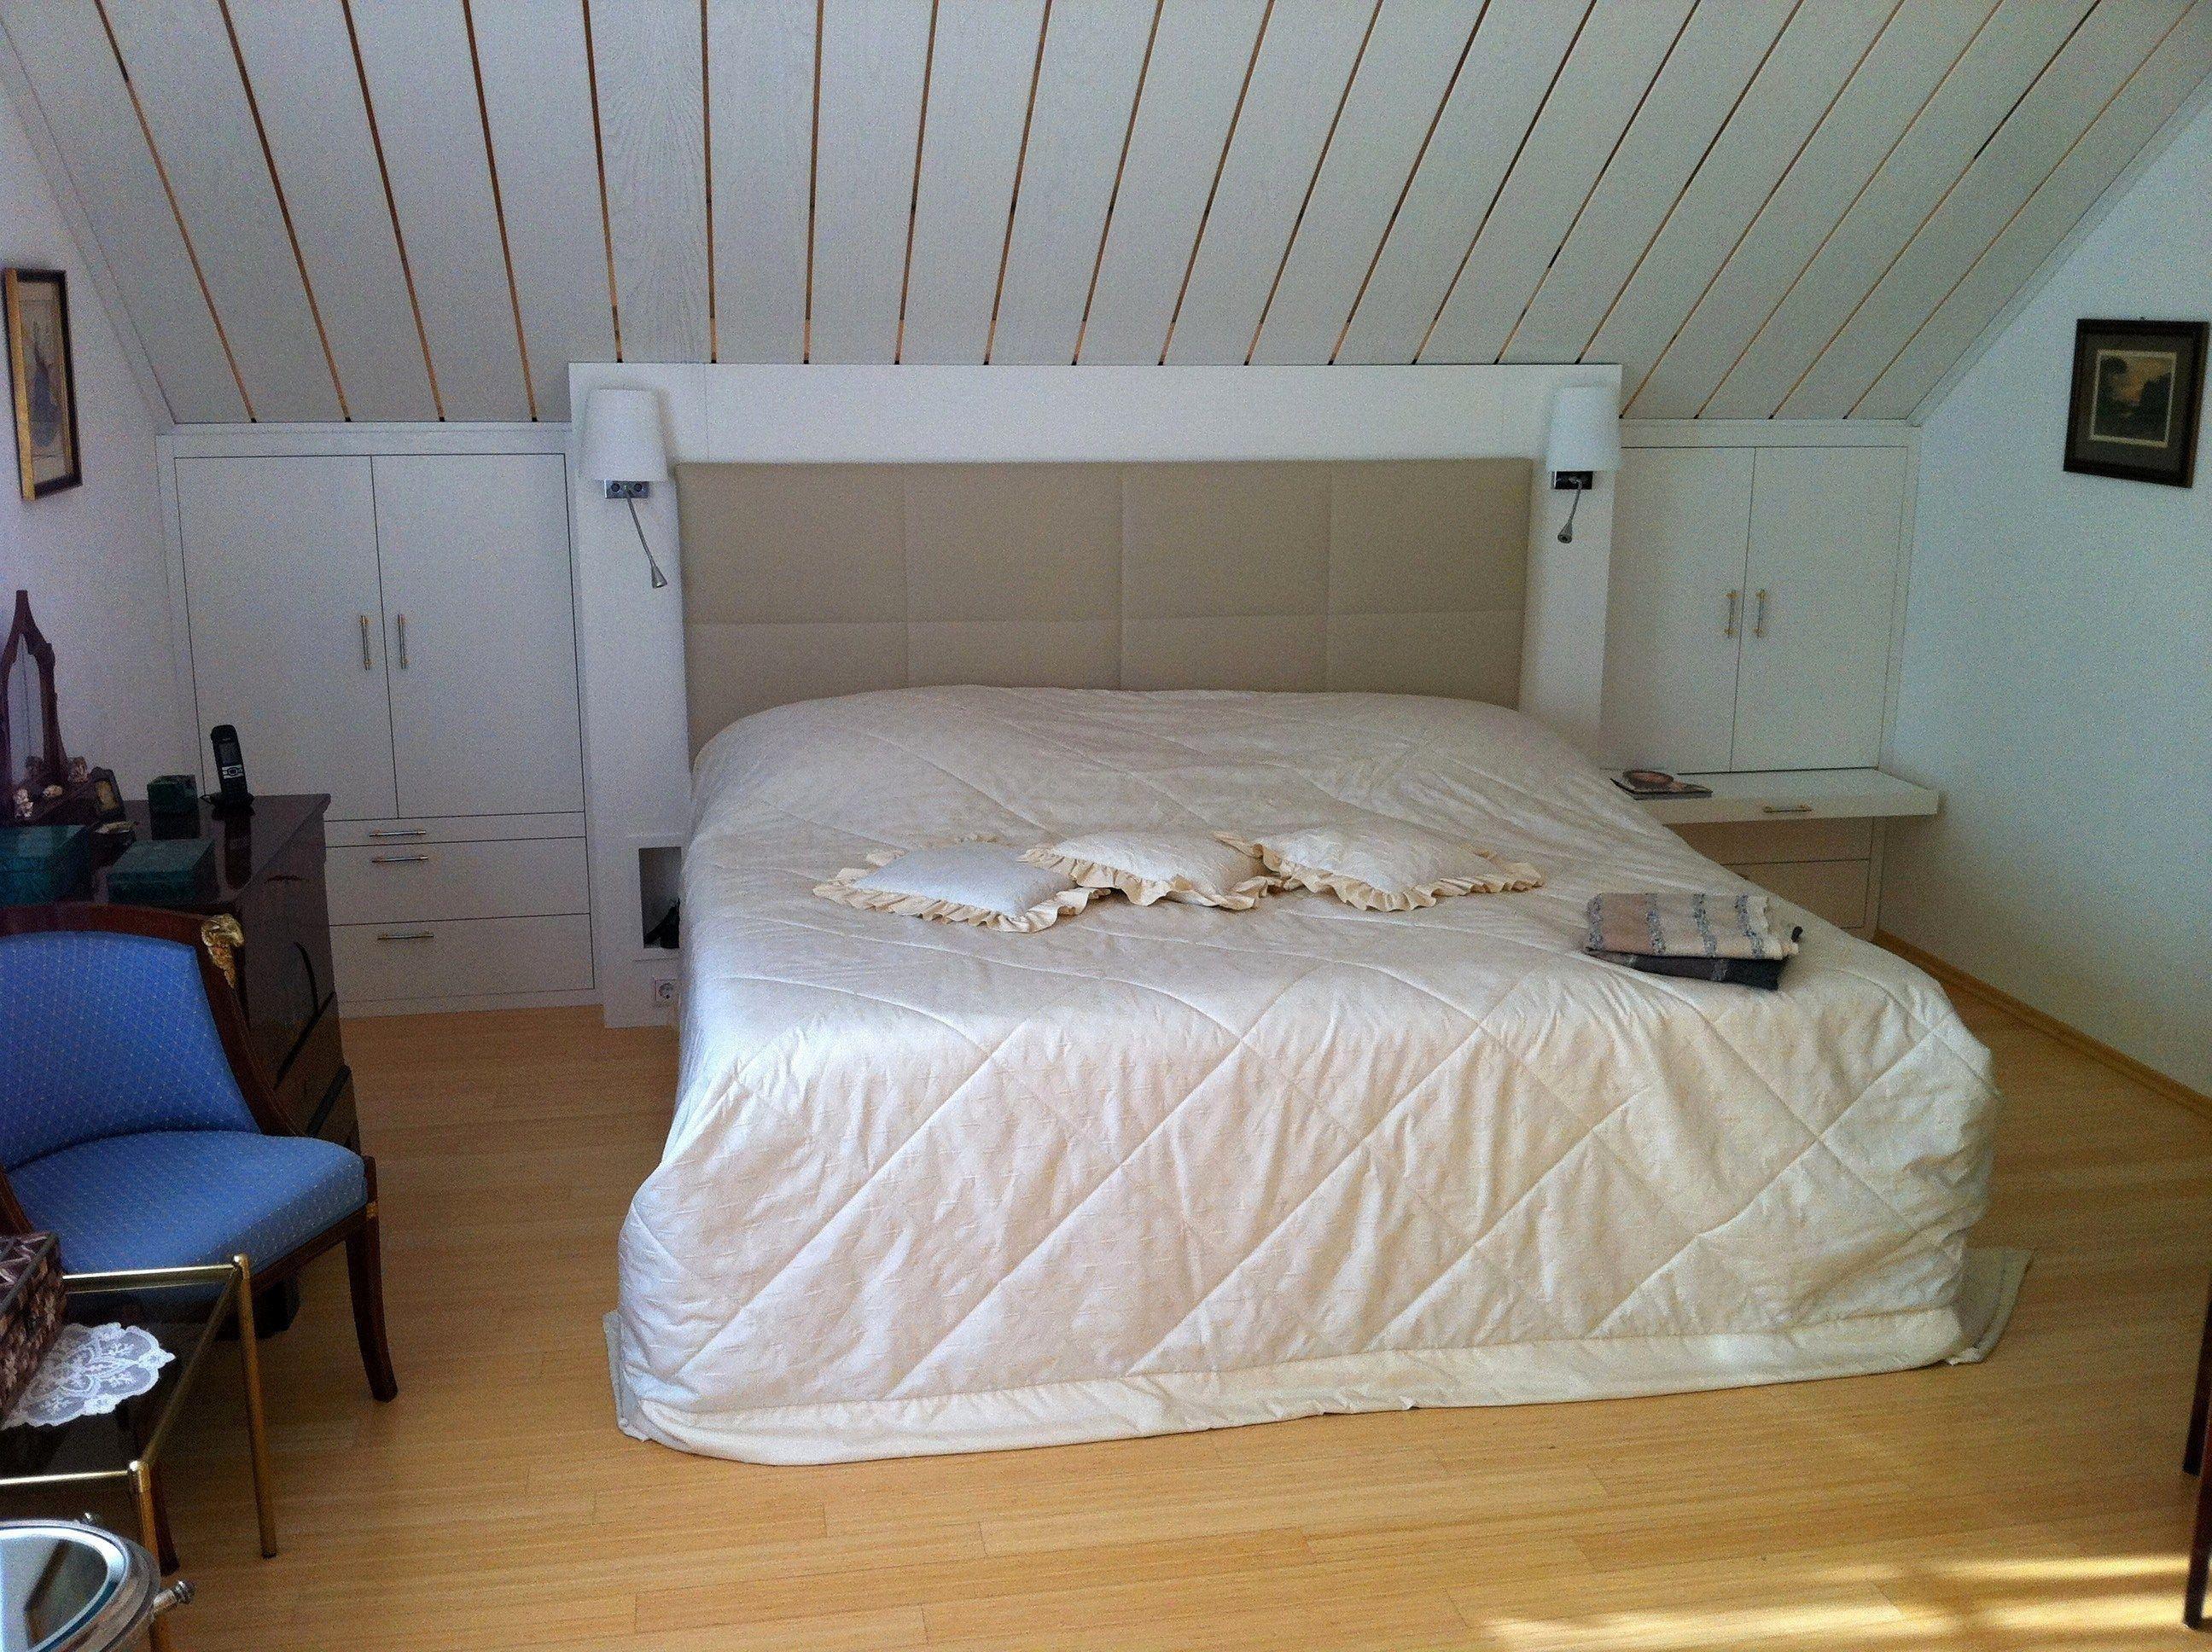 Pin von Moni Potthoff auf moni in 15  Schlafzimmer dachschräge